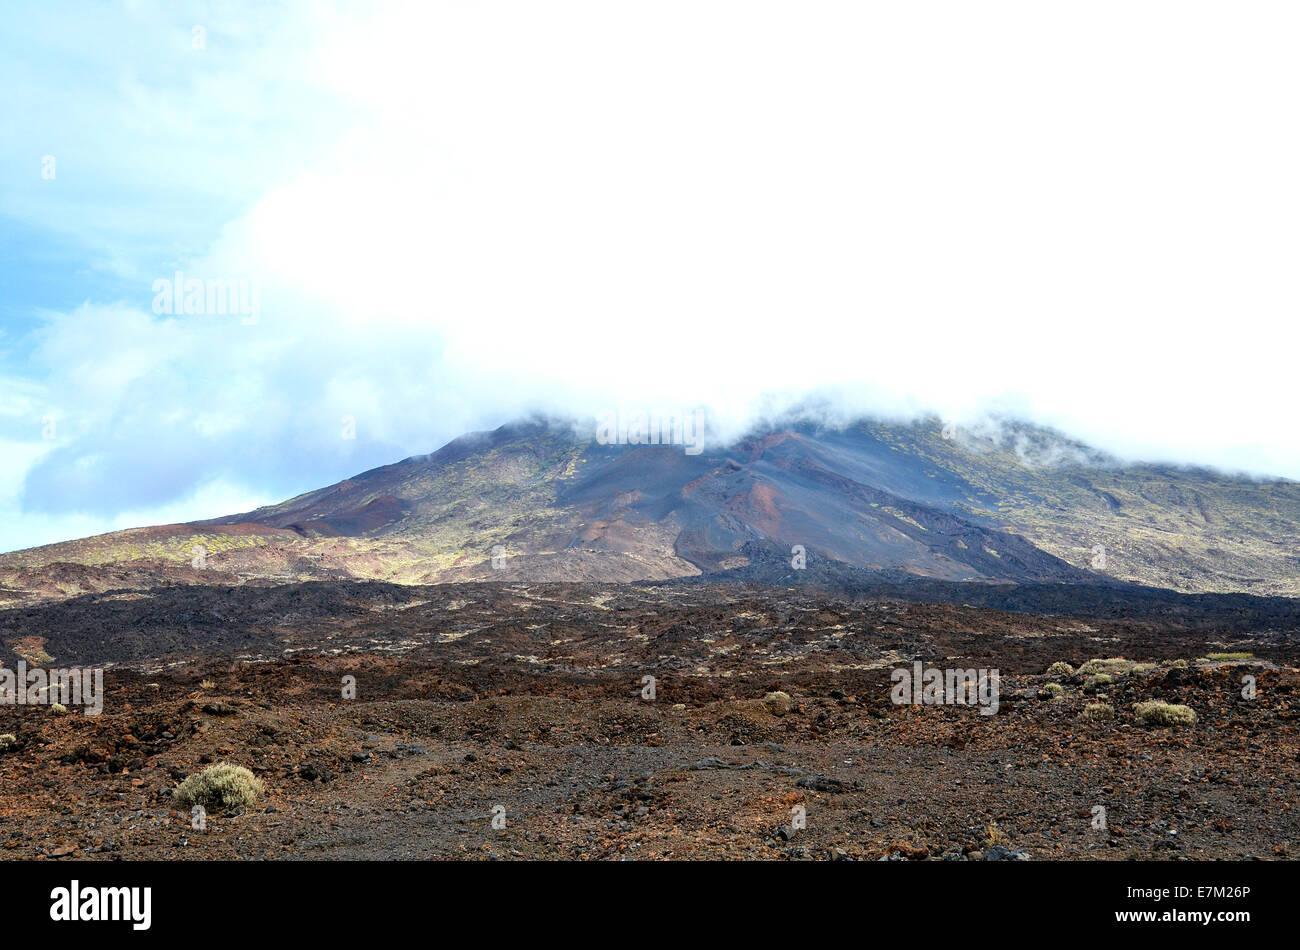 Der Gipfel des Mount Teide auf Teneriffa ist in niedrigen Wolken gehüllt. Stockbild